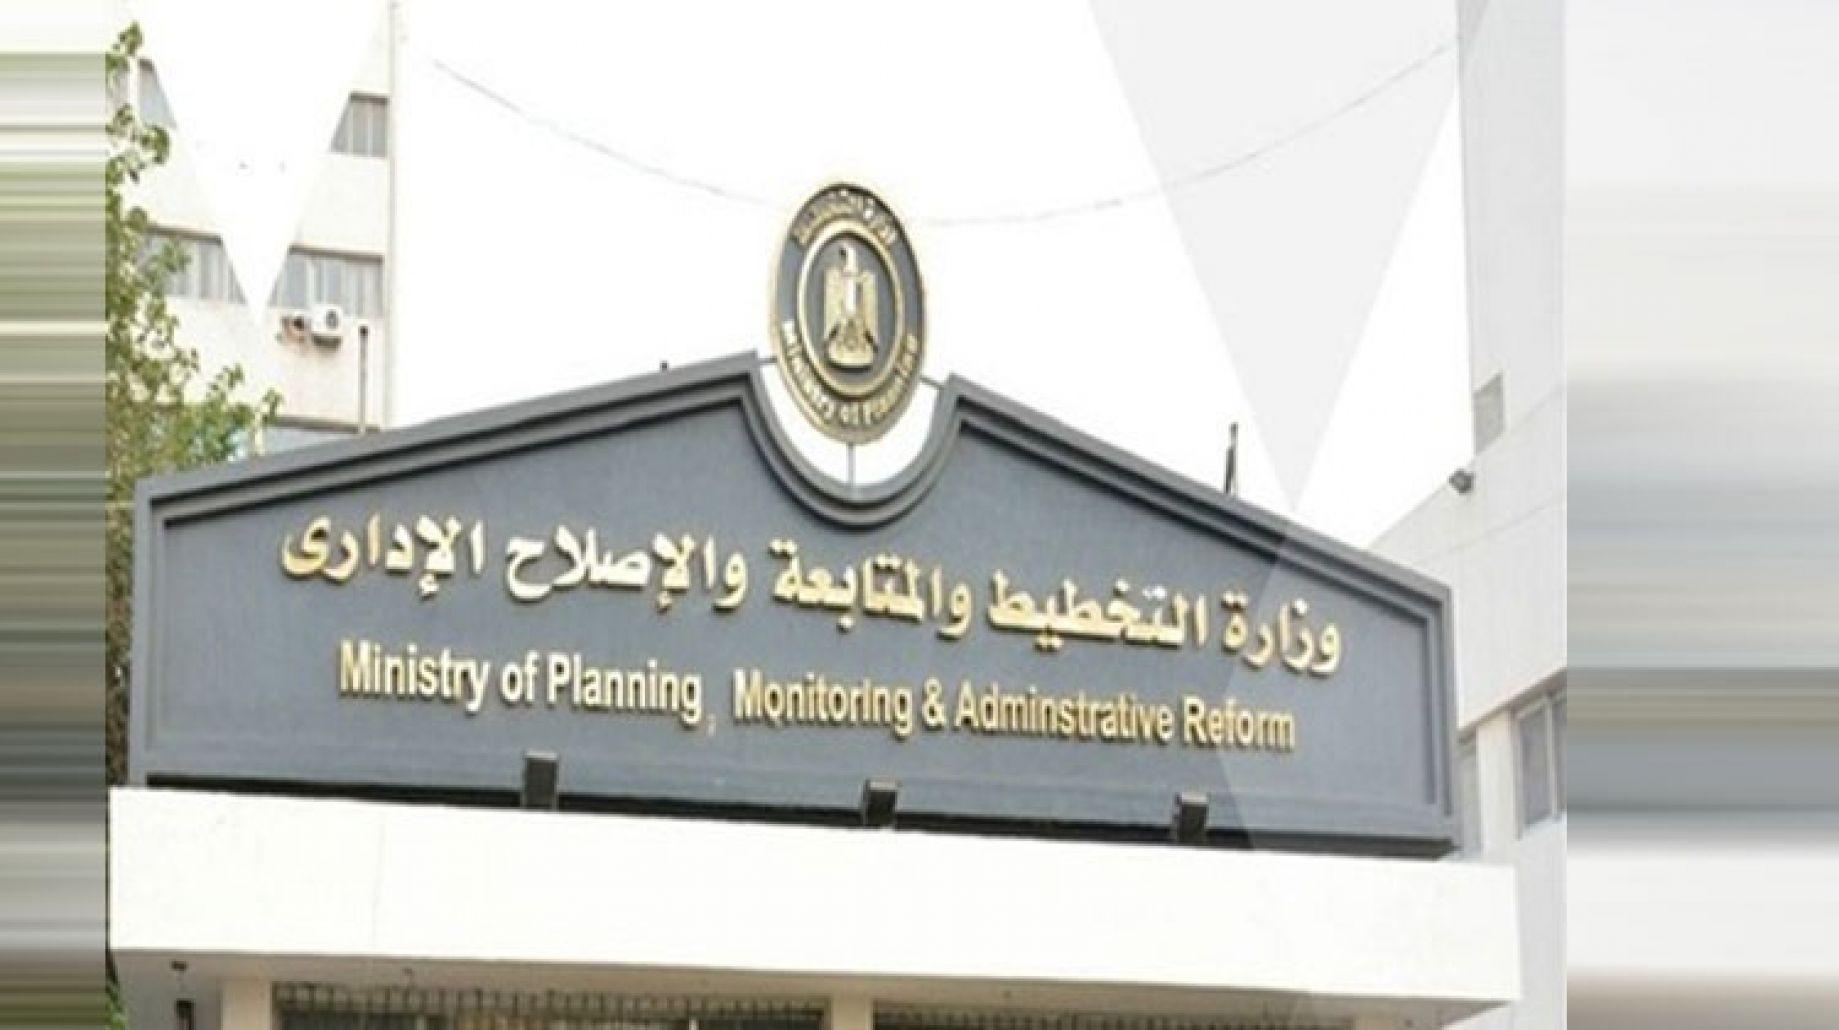 وزارة التخطيط تنشئ 9 حاضنات أعمال بمجال الذكاء الاصطناعي والسياحة